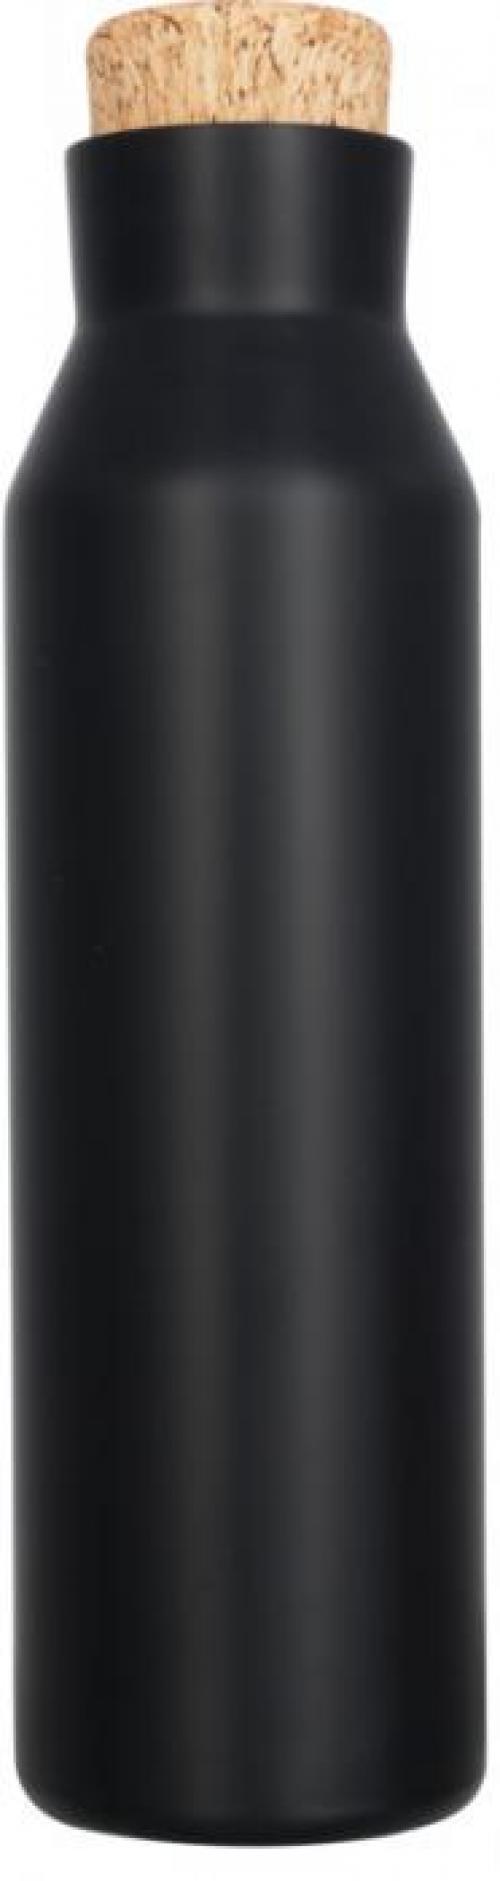 Botella 590ml con aislamiento de cobre Nórdico